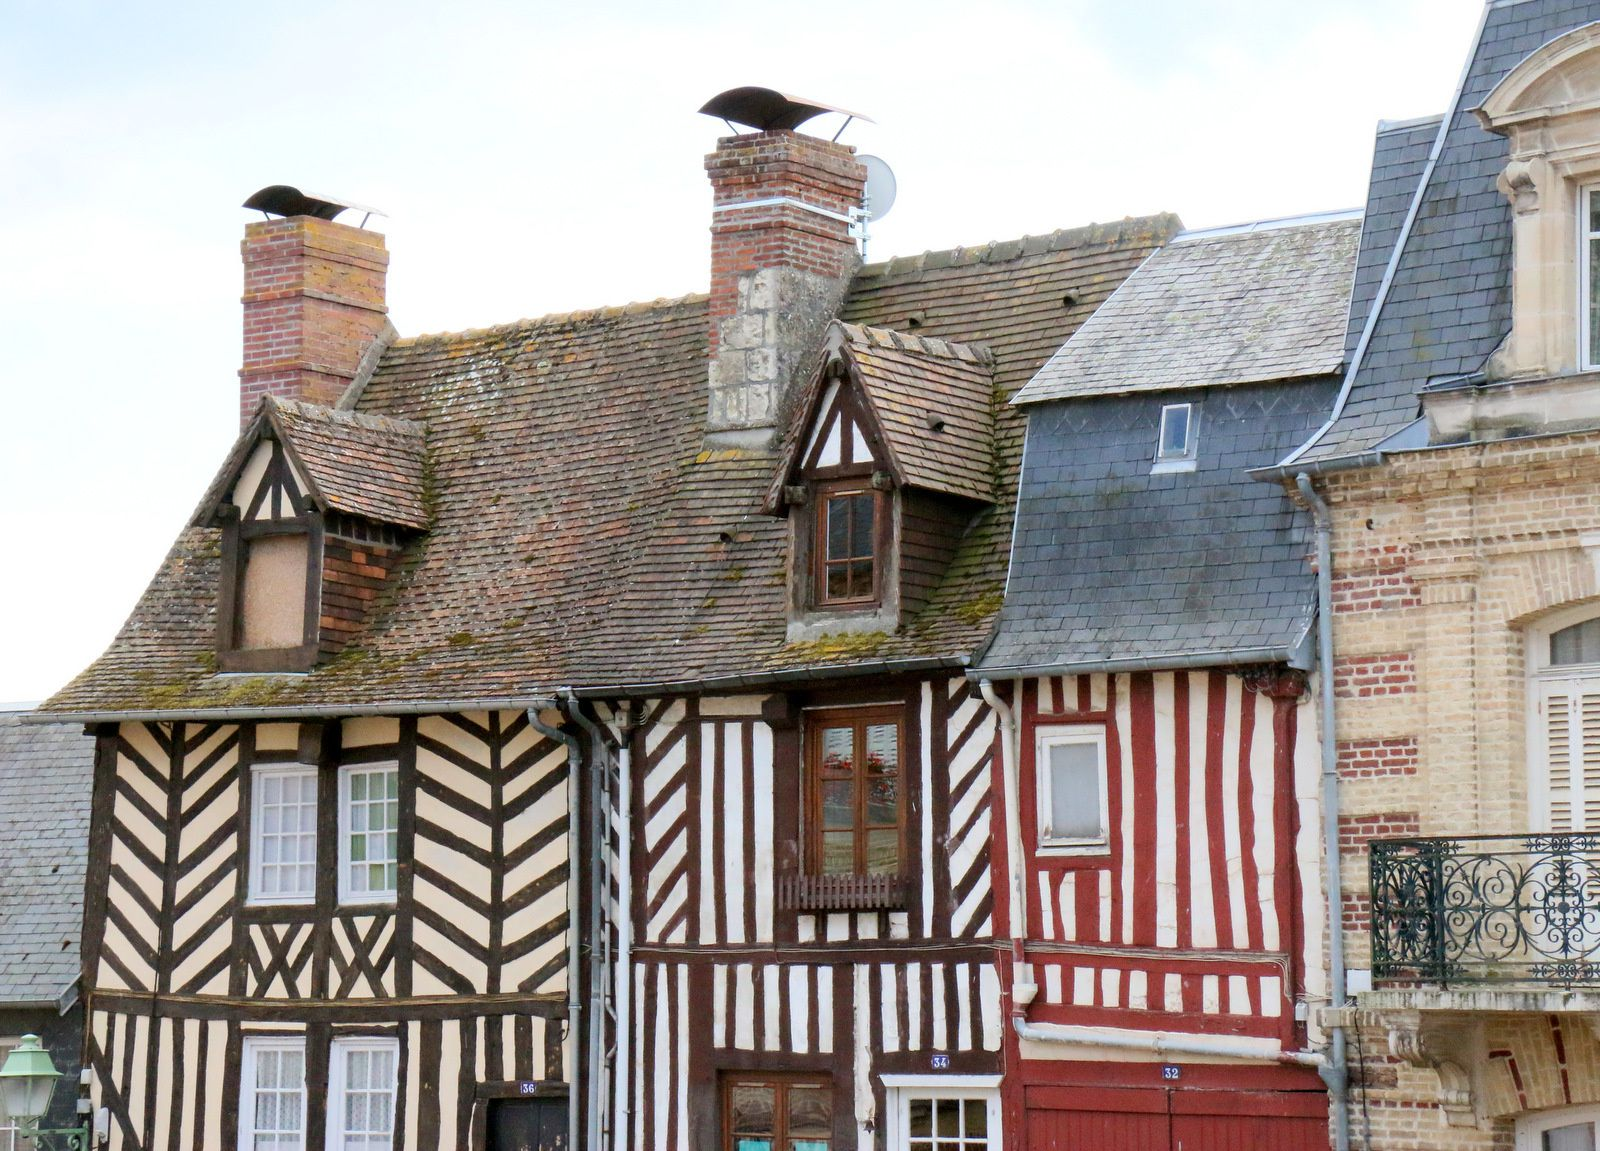 Maisons à colombages (1/2), Beaumont-en-Auge